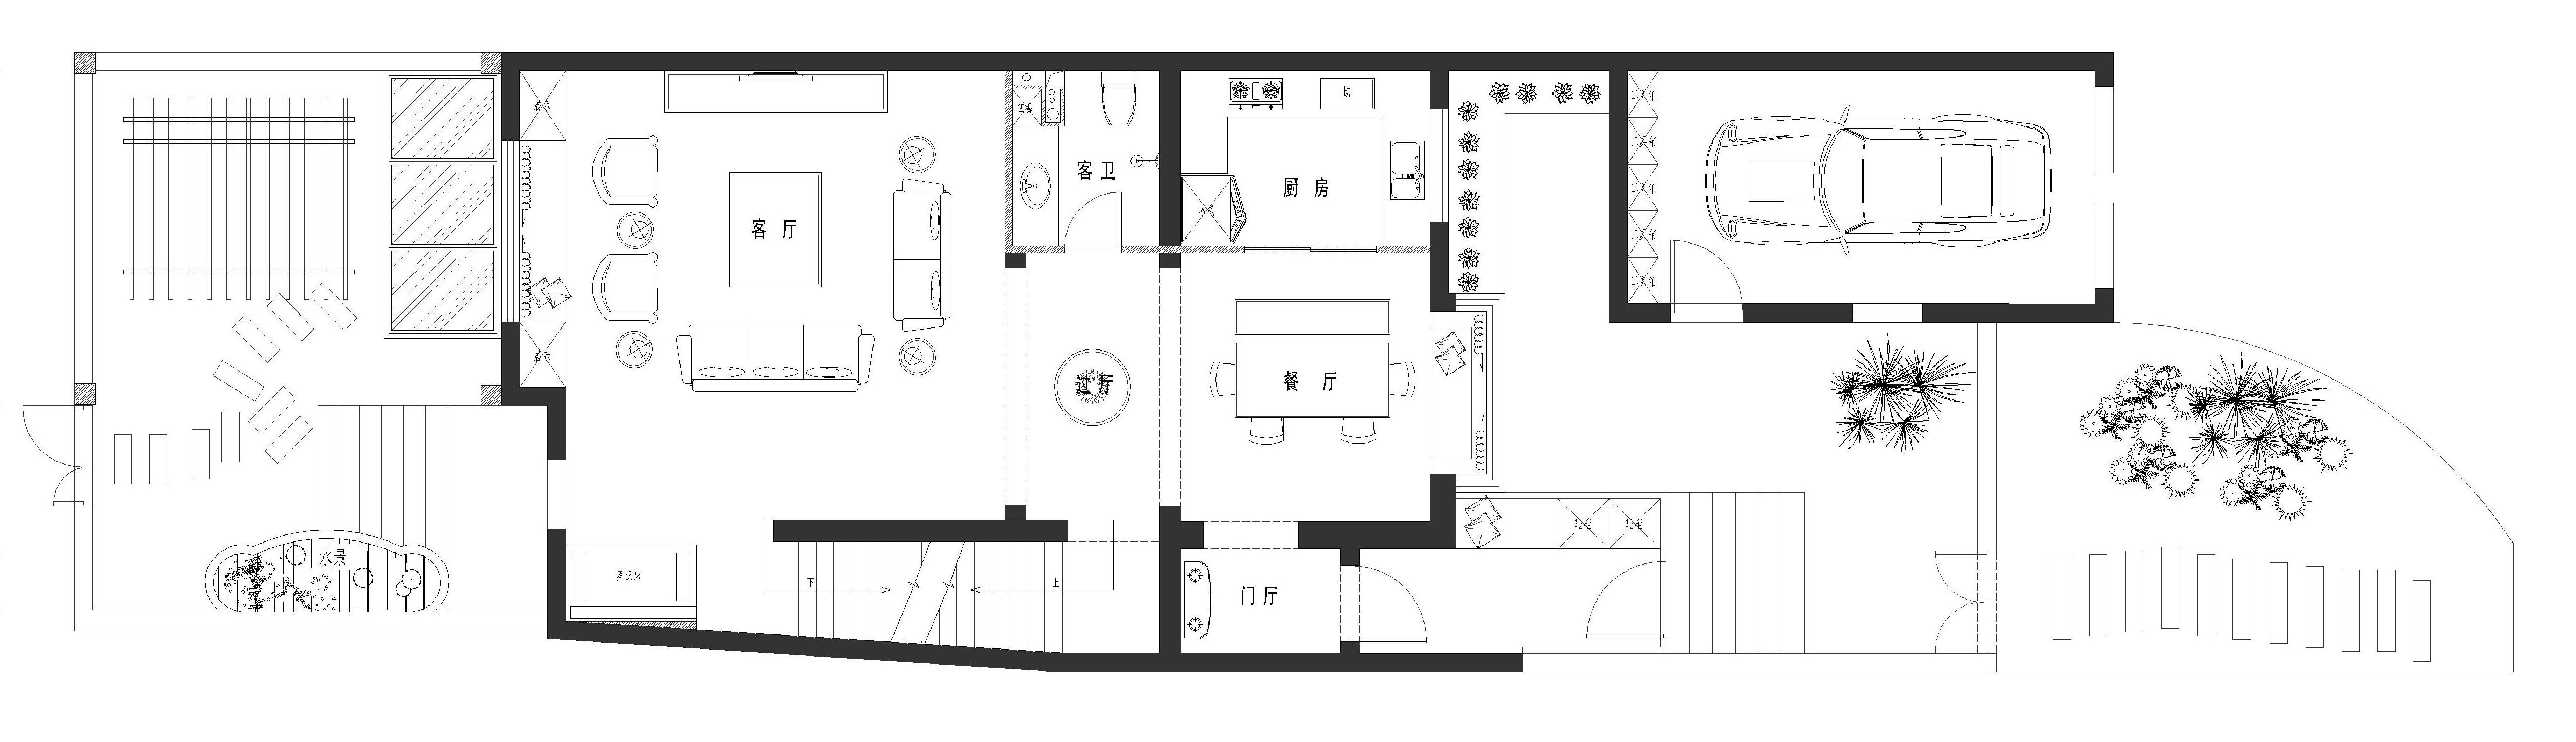 东方太阳城 现代风格 360㎡装修设计理念